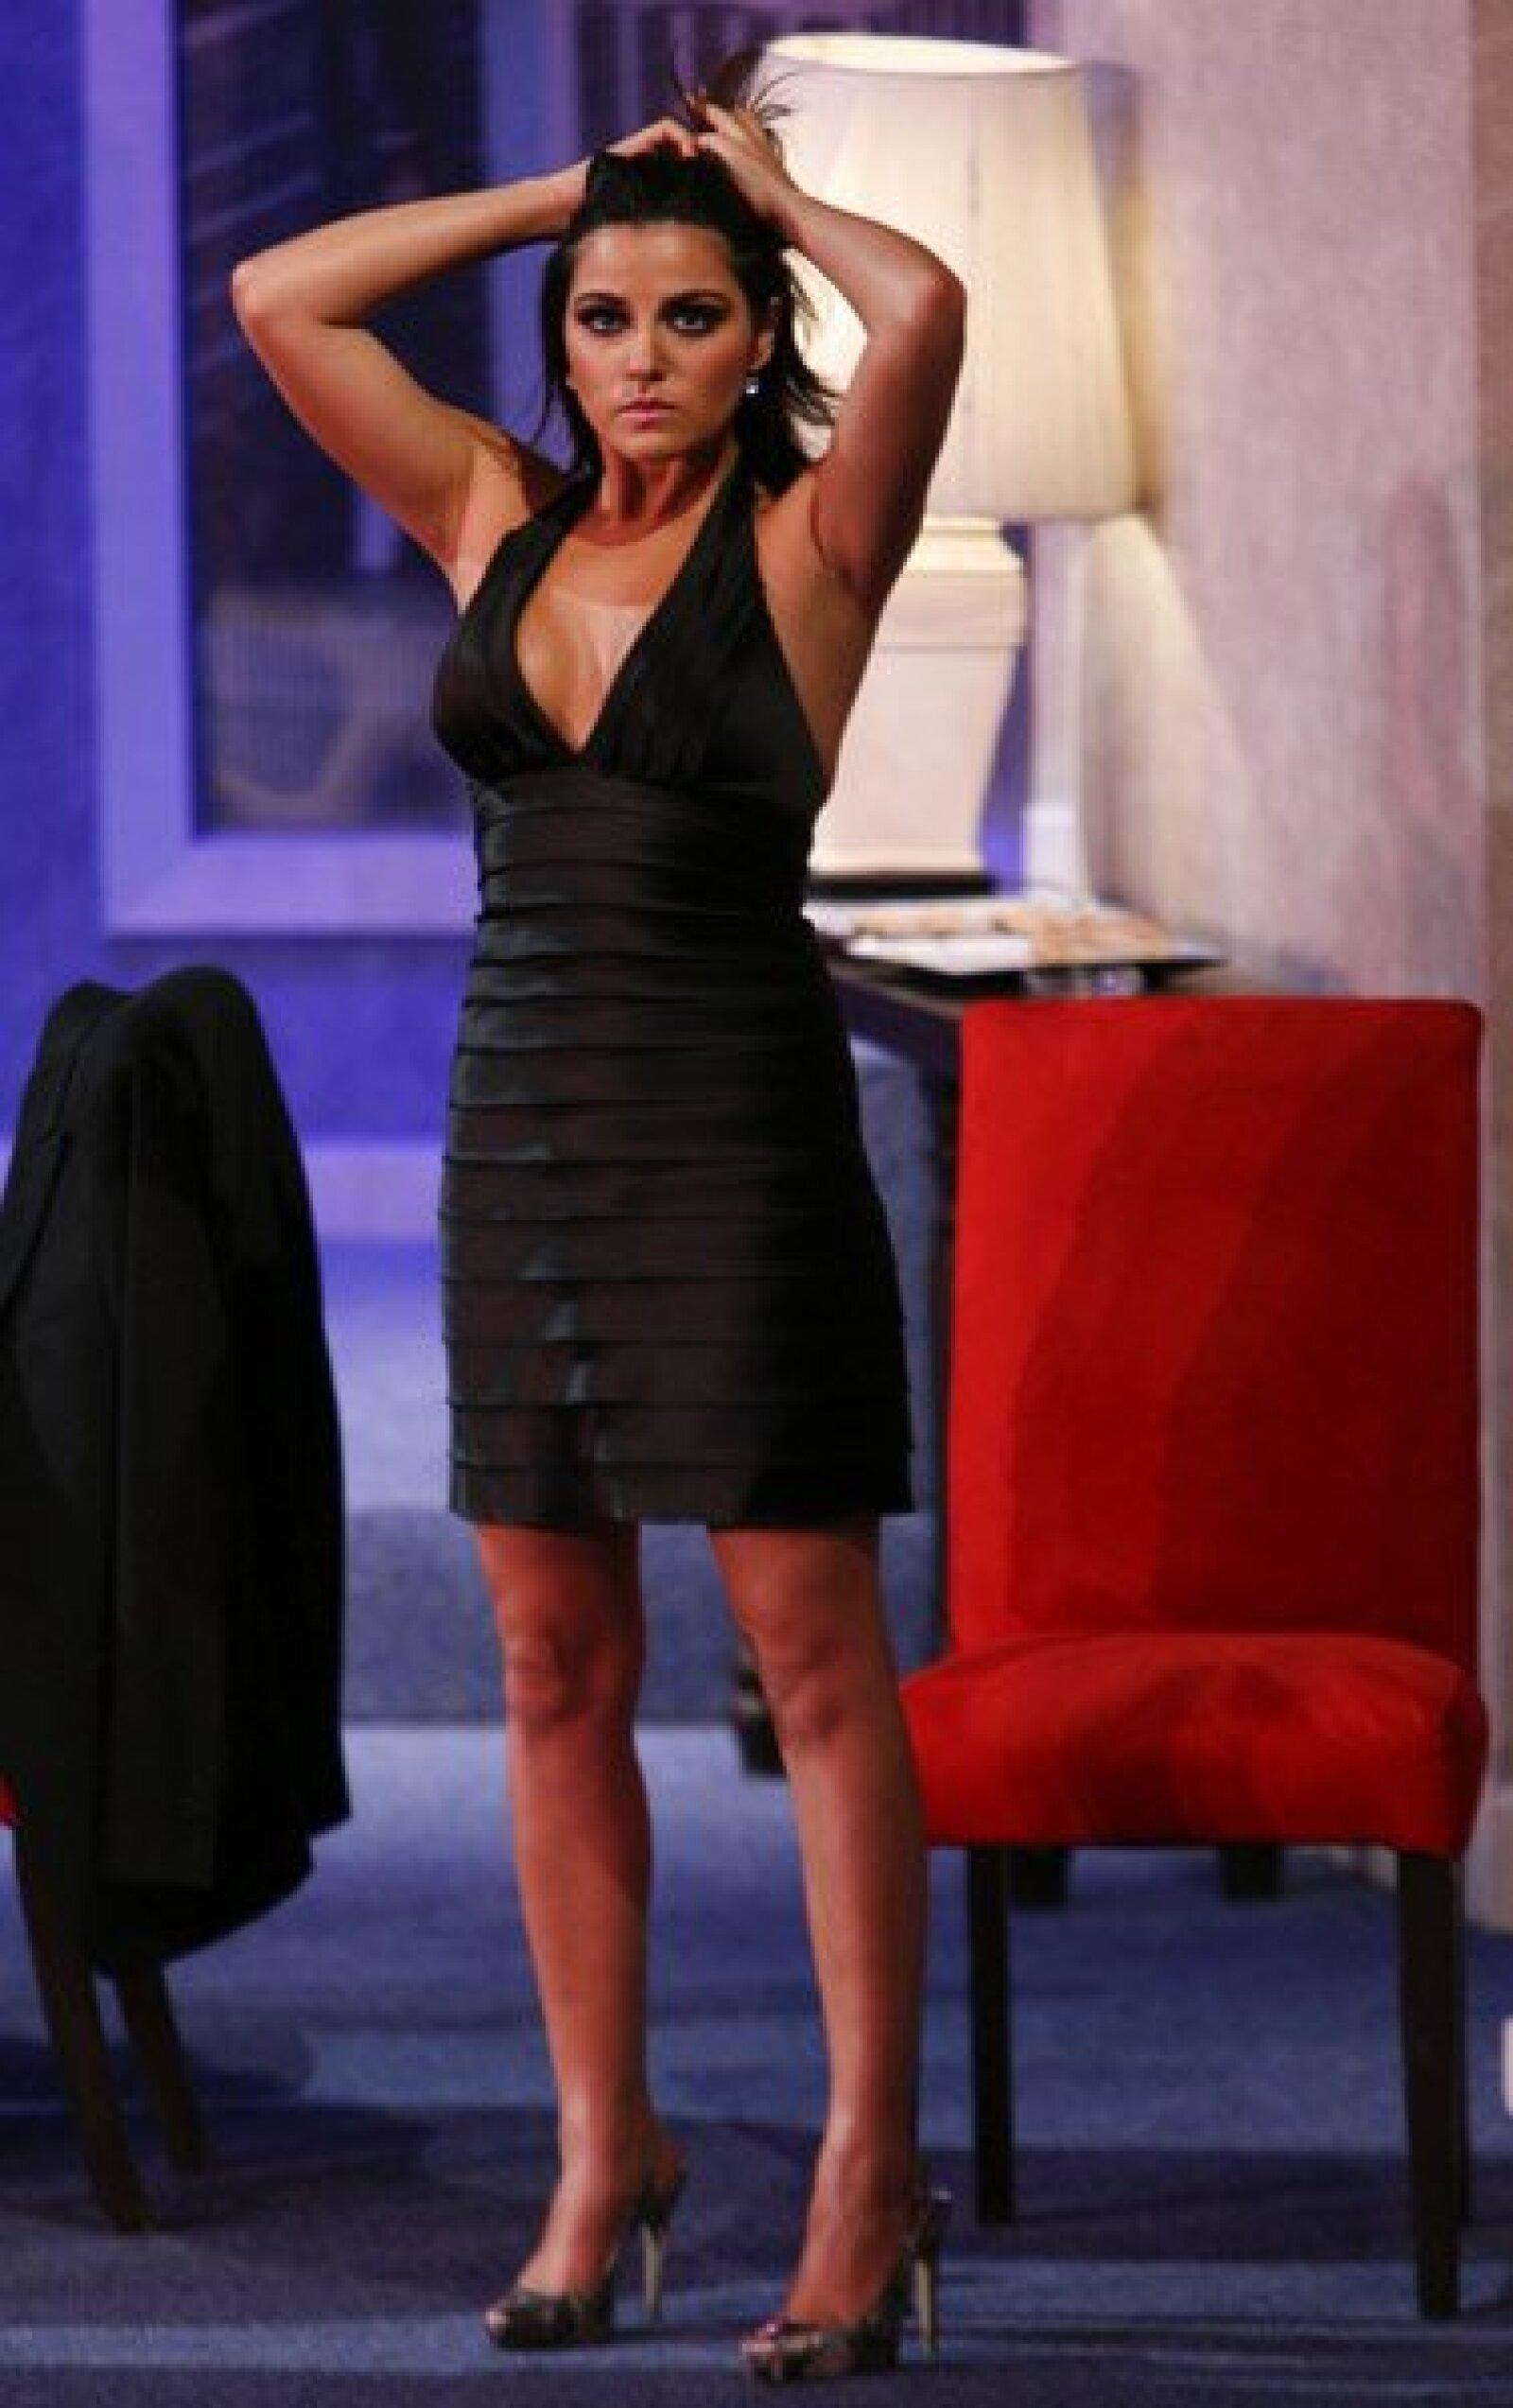 Maite Perroni demostró que no sólo sabe actuar bien, sino que tiene un buen cuerpo y que es muy sexy cuando se lo propone.